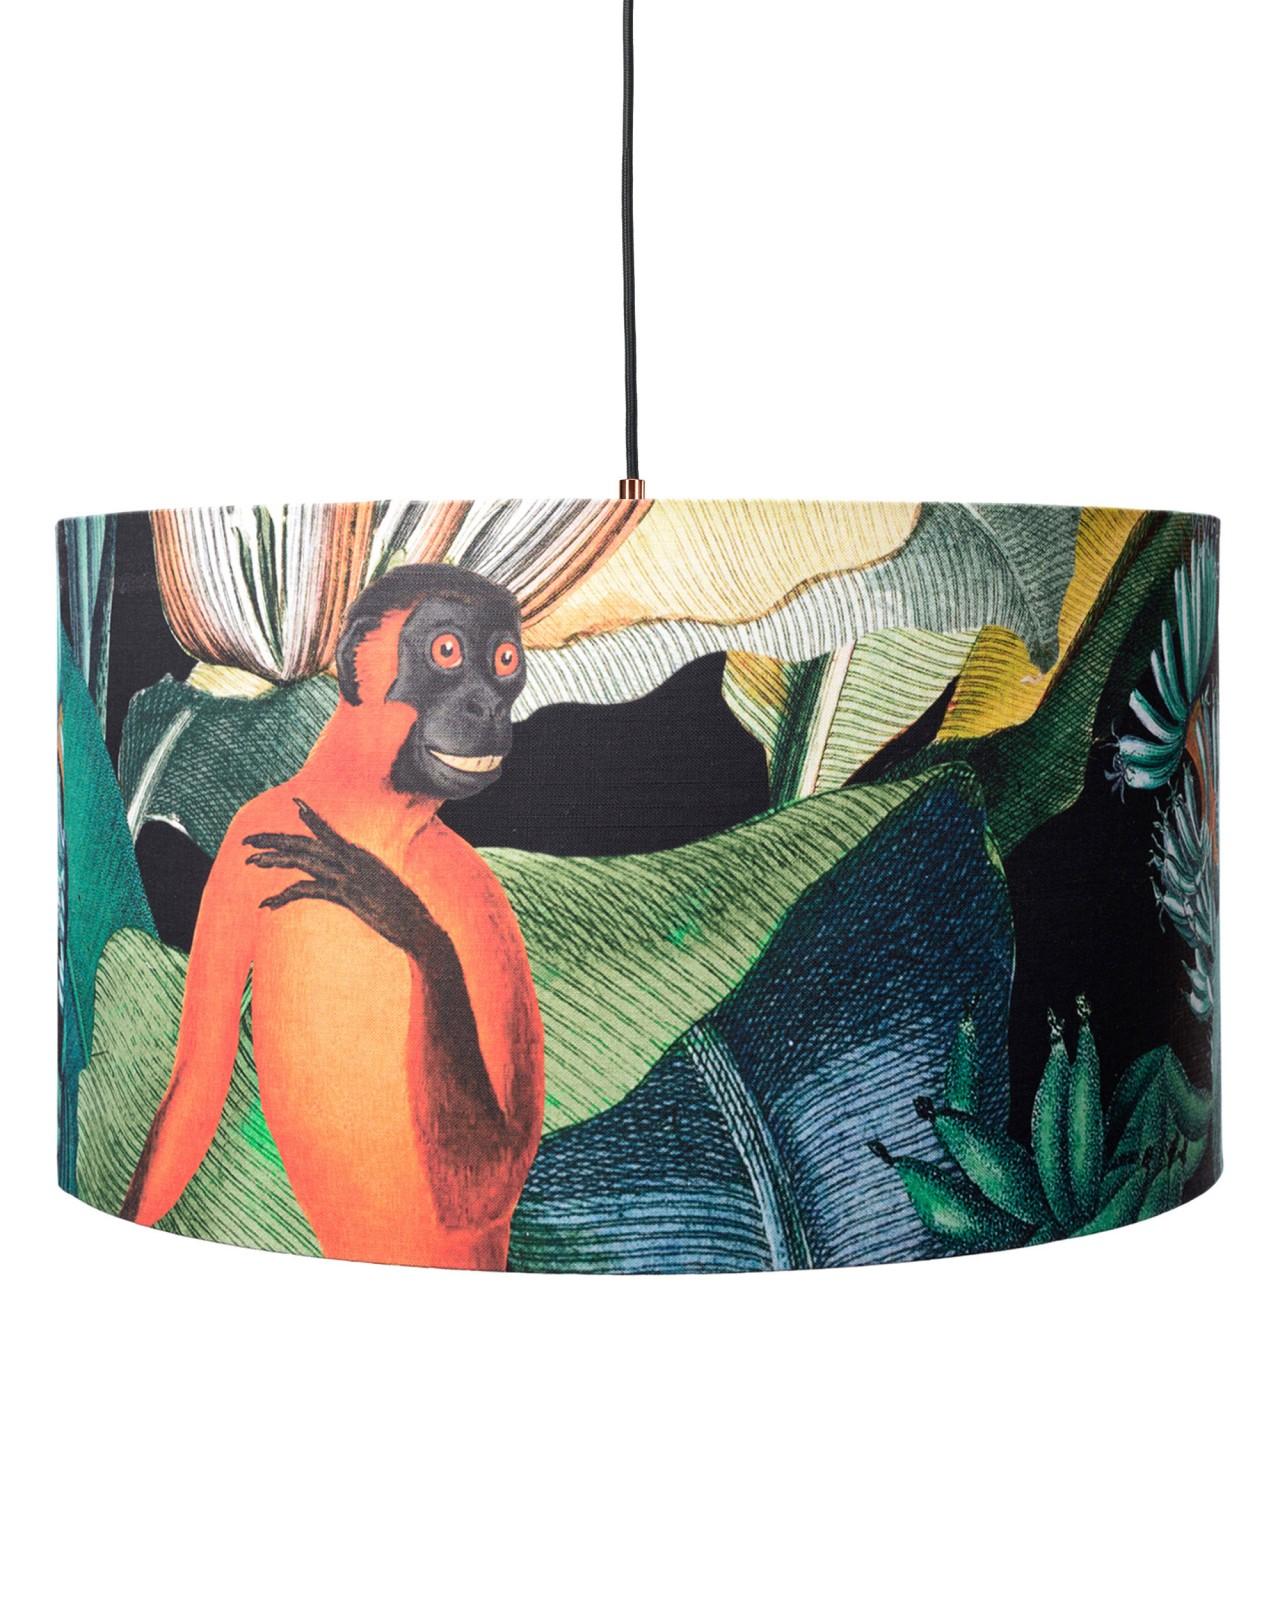 BERMUDA Pendant Lamp